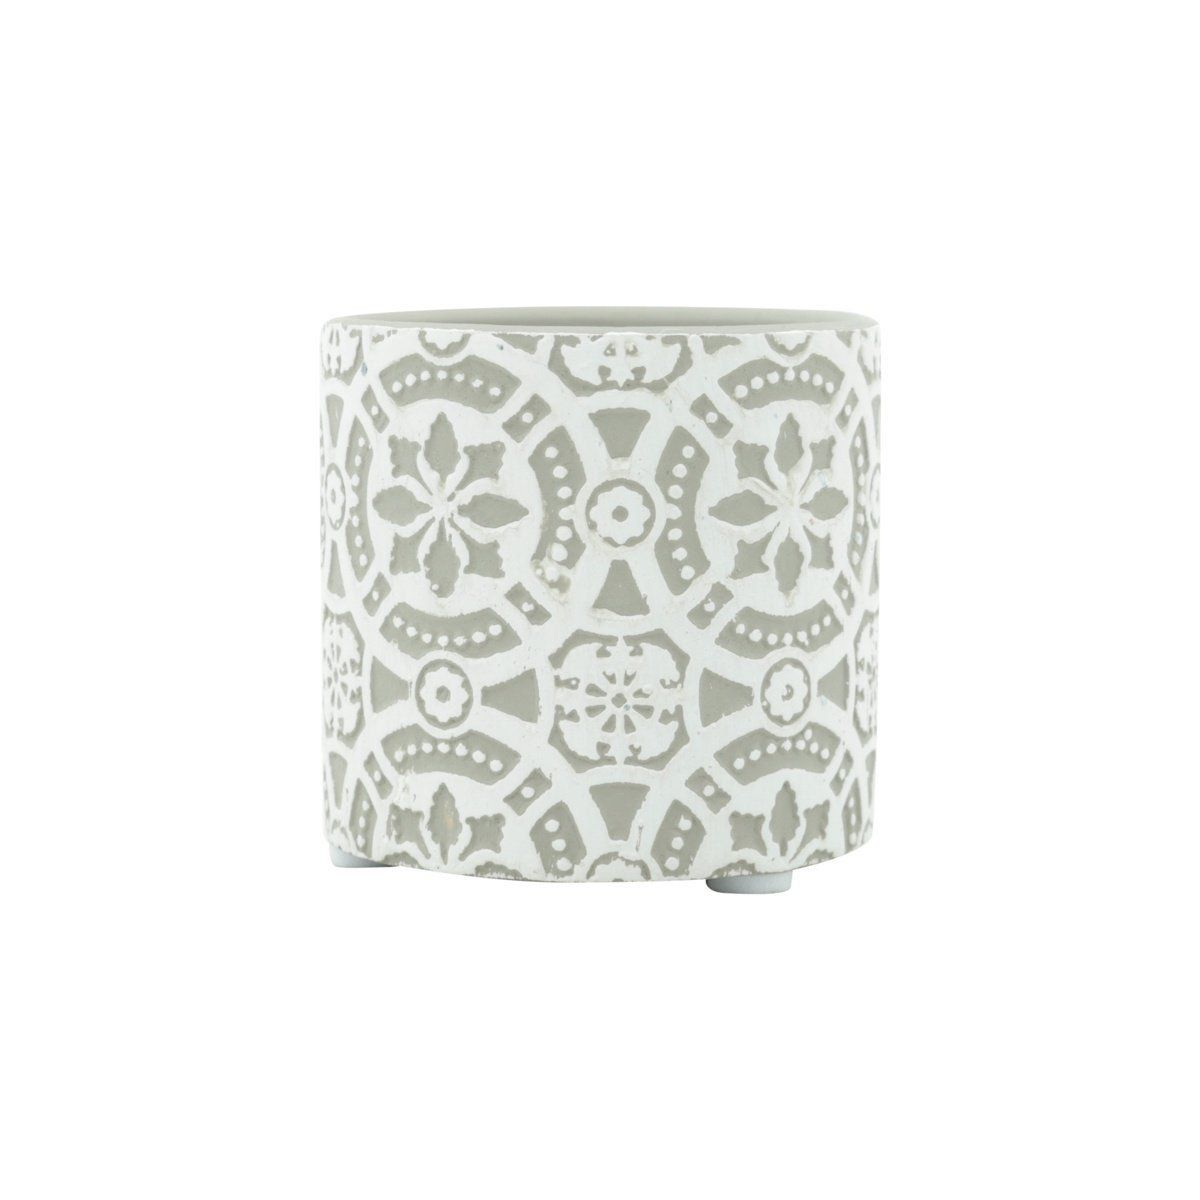 Vaso de Cerâmica Flores em Relevo Cinza 6,5cm x 7cm - 42134